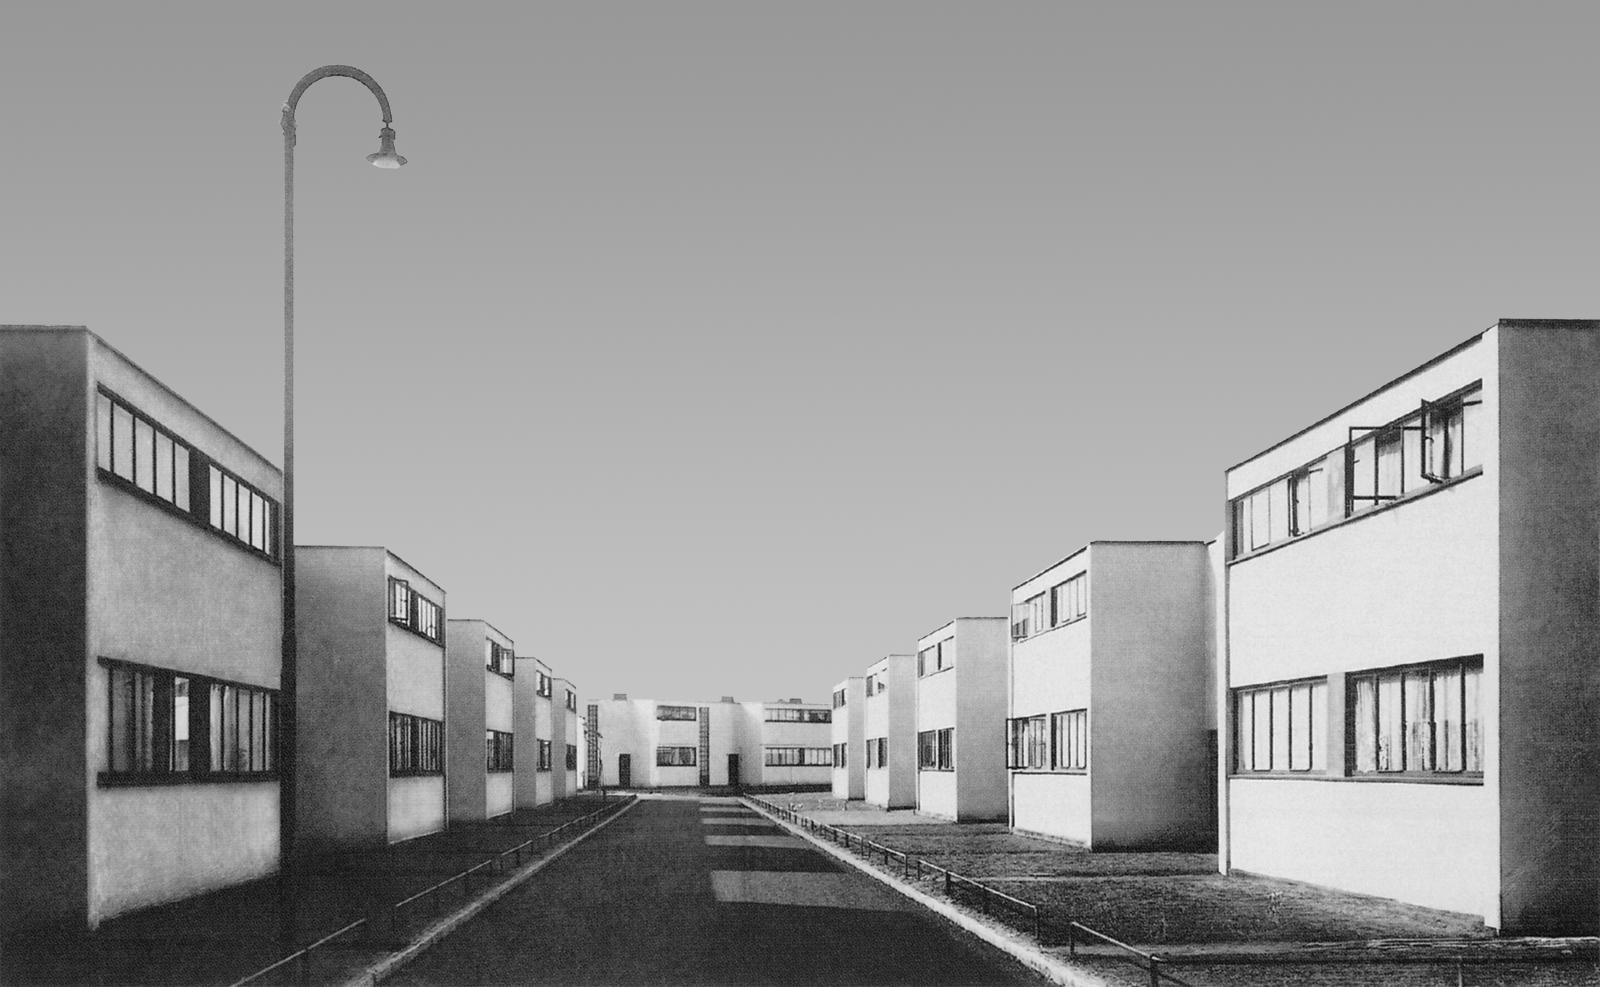 مجتمع مسکونی تورتن در دساؤ (1928)